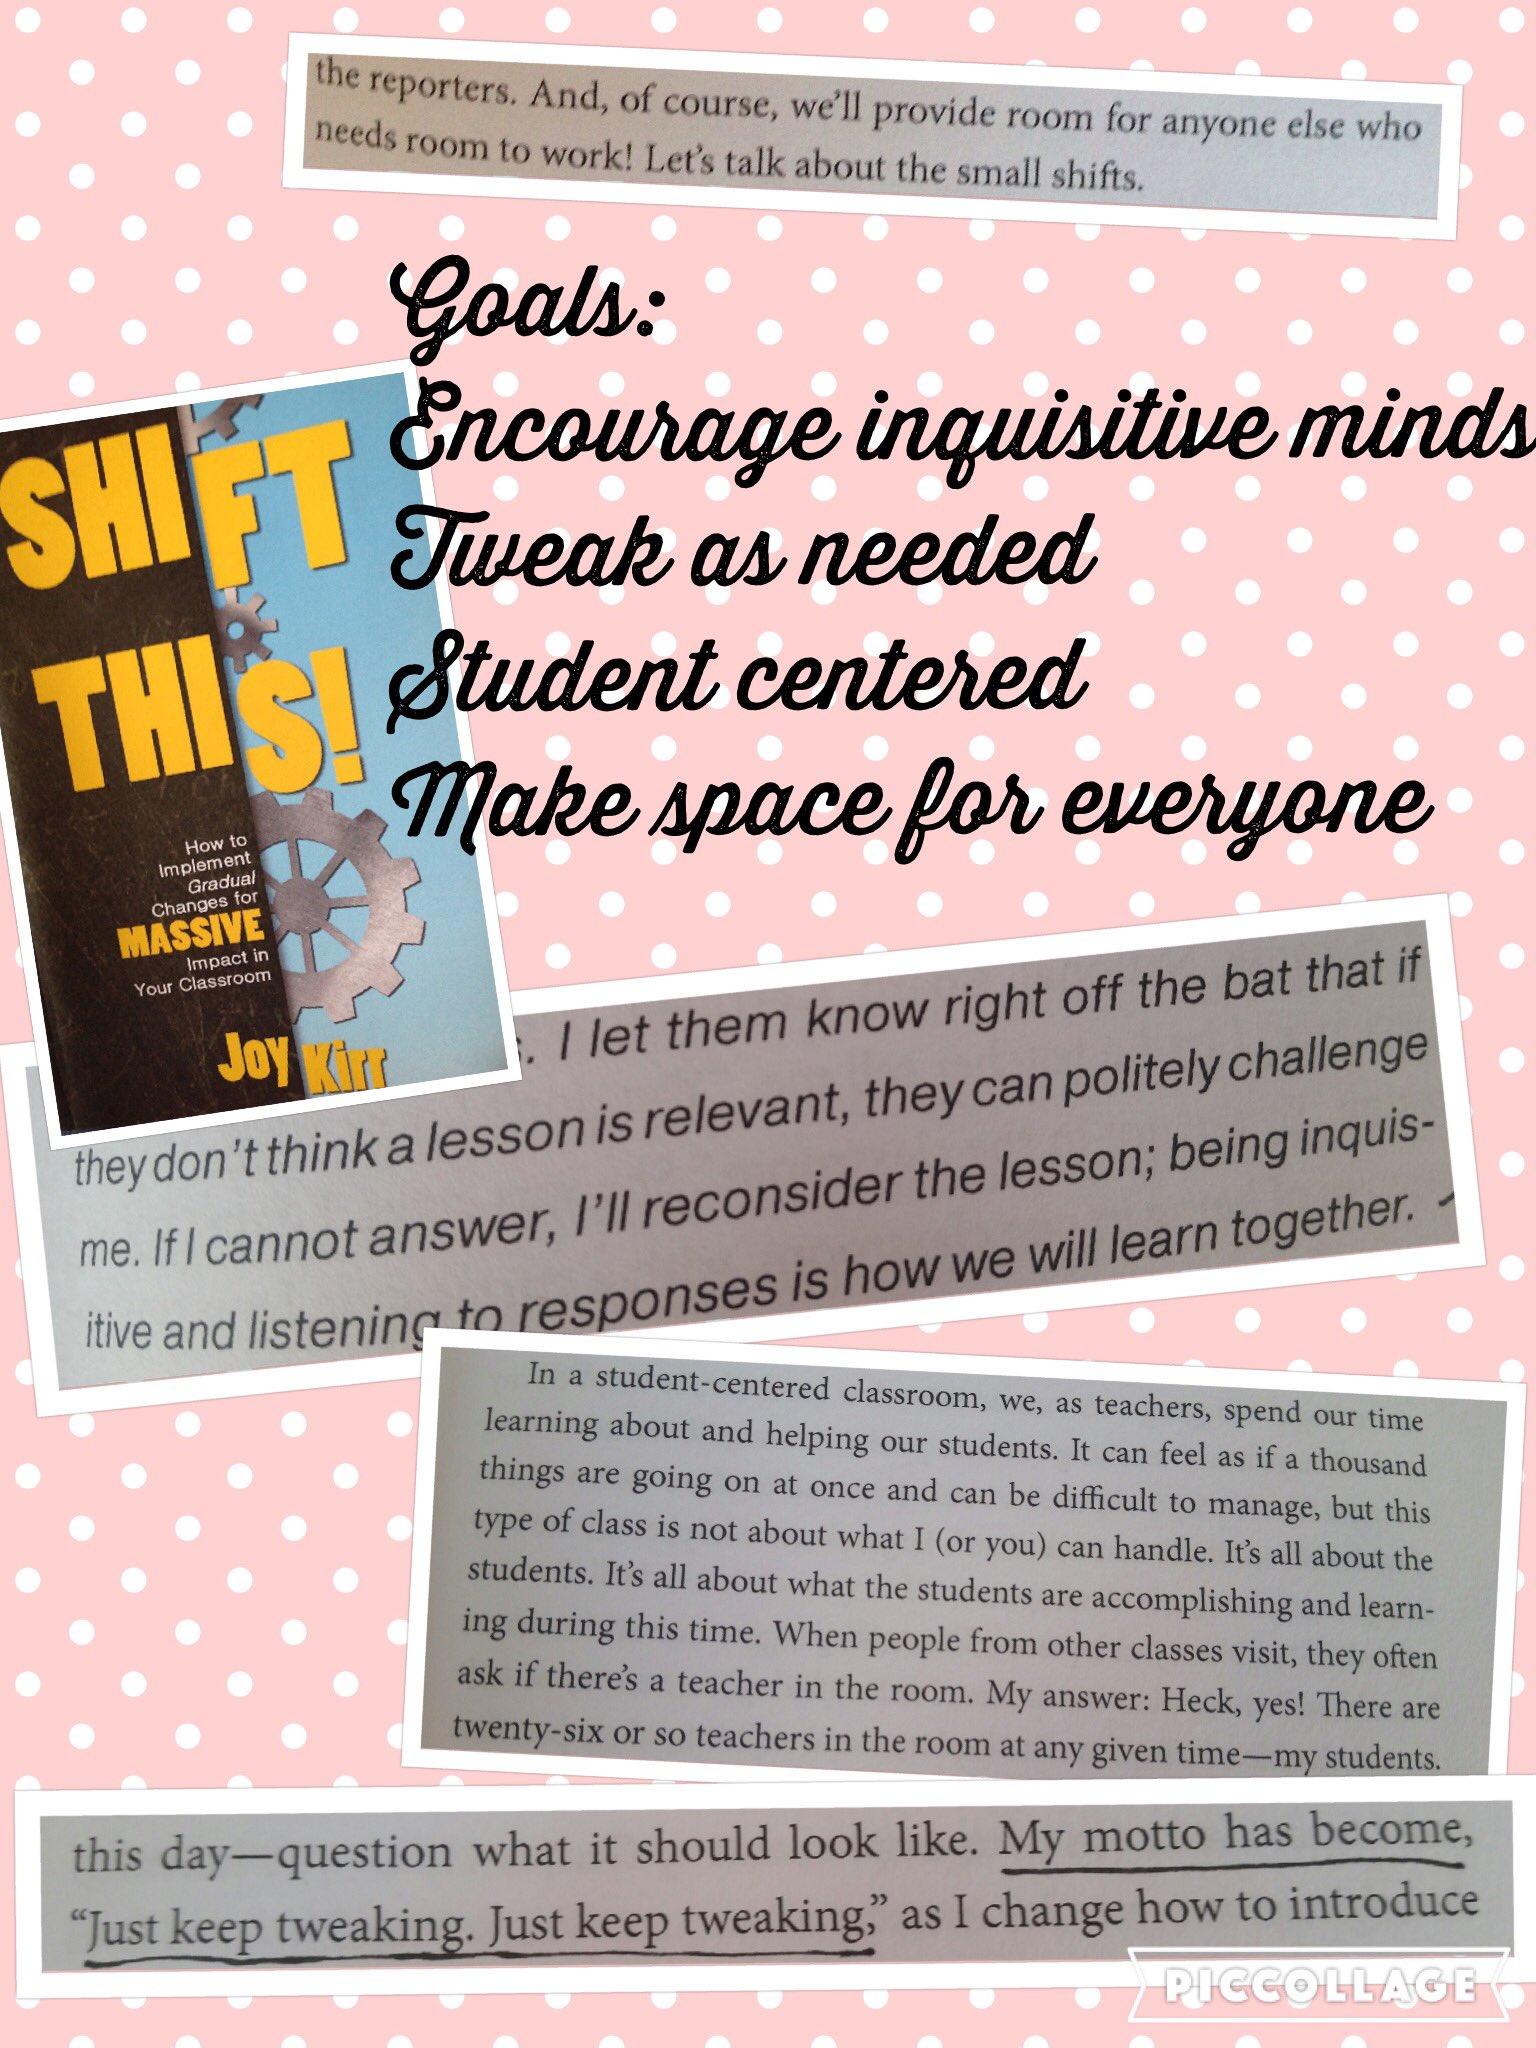 Inspiring, good stuff! Still more to read. #ShiftThis #wearewhitt #1718goals https://t.co/OZkbiYYU6g